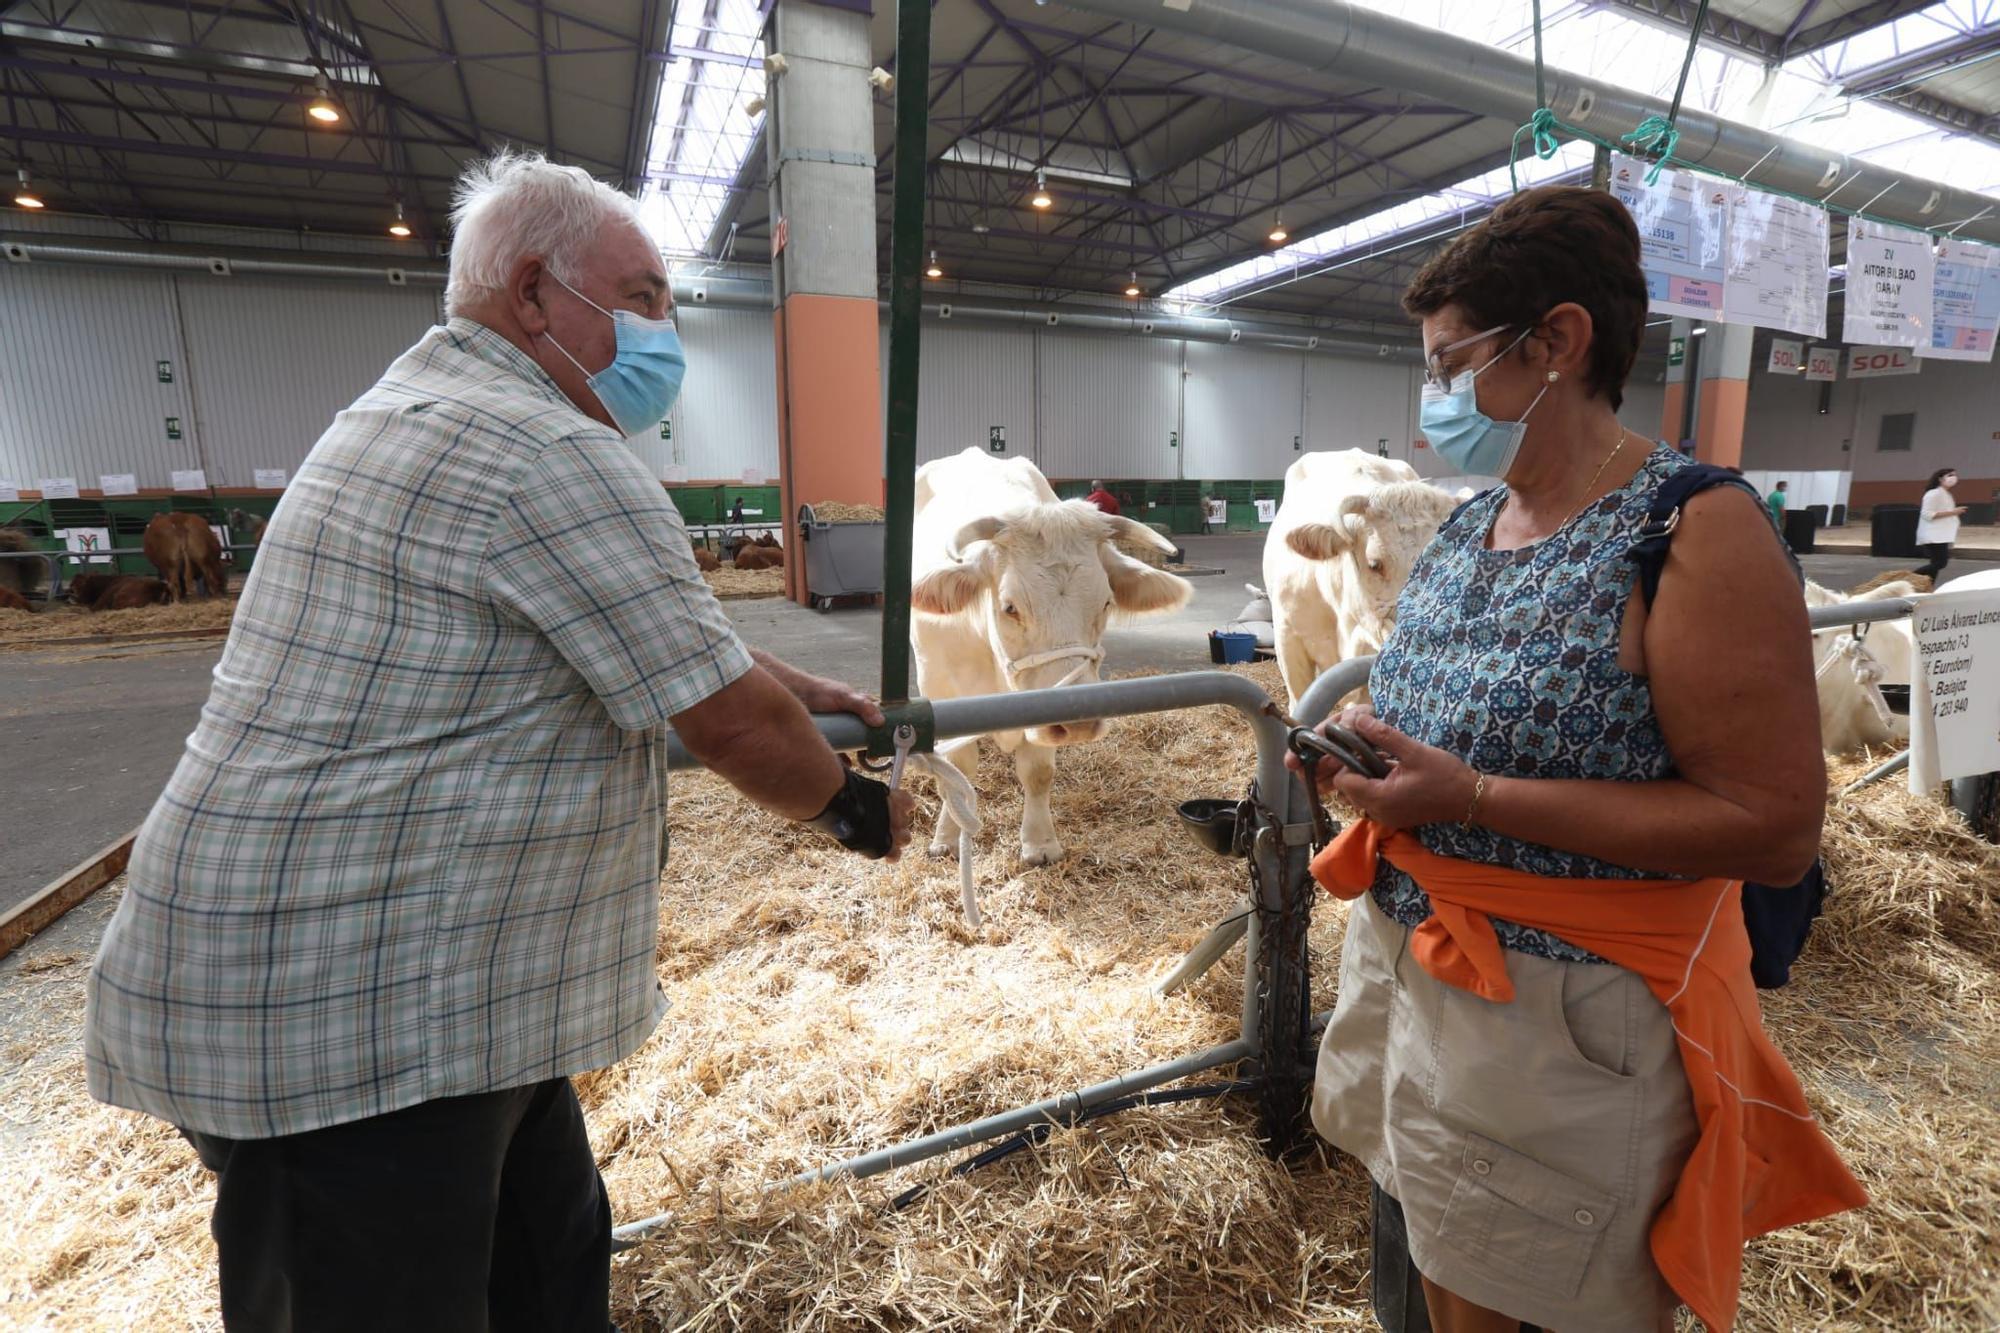 FOTOGALERÍA | La industria ganadera devuelve la alegría a la Feria de Zaragoza